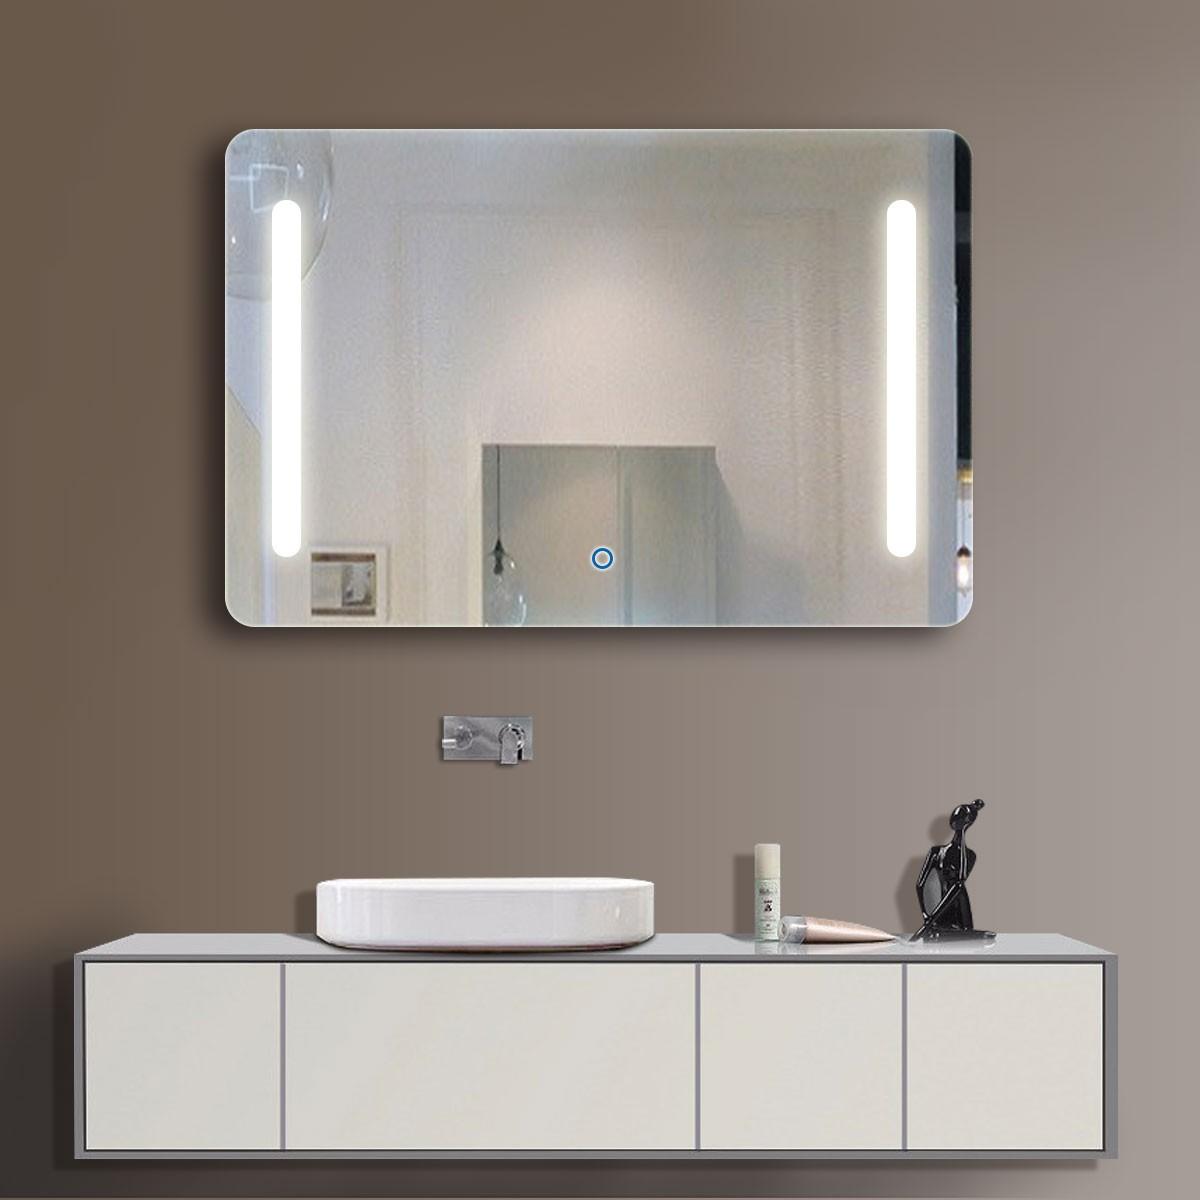 28 x 36 po miroir horizontal argent led salle de bains avec interrupteur tactile dk od n027 - Interrupteur miroir salle de bain ...